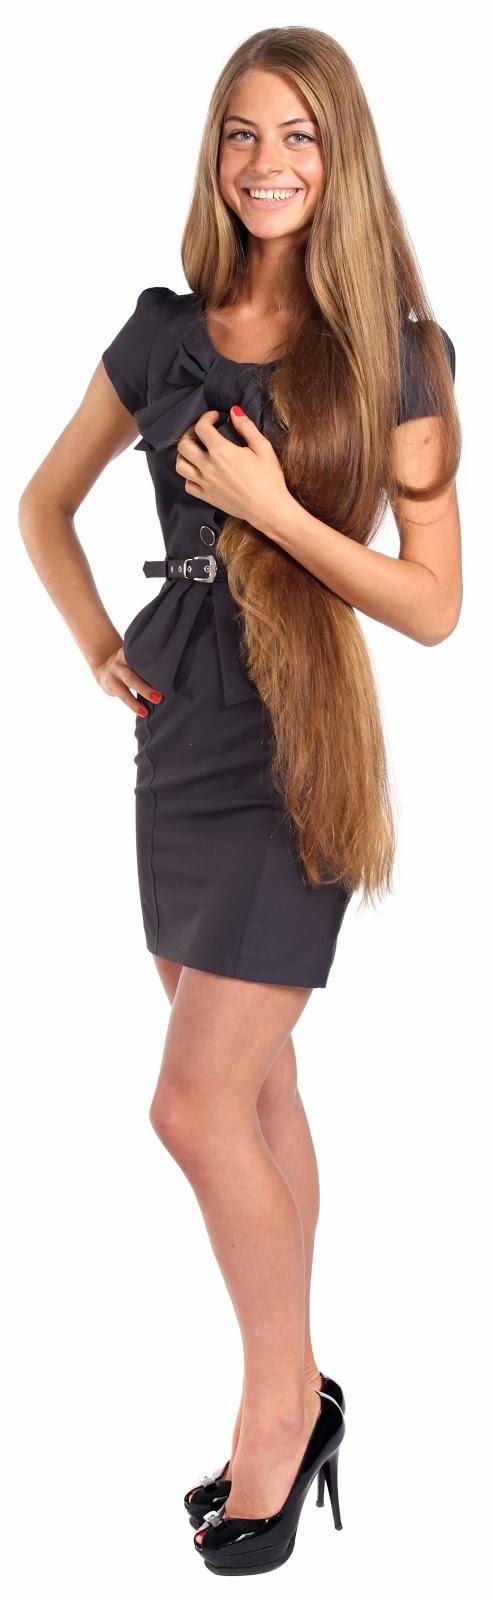 Long Haired Women Hall of Fame: Evgenia Valueva #2 | Long ...